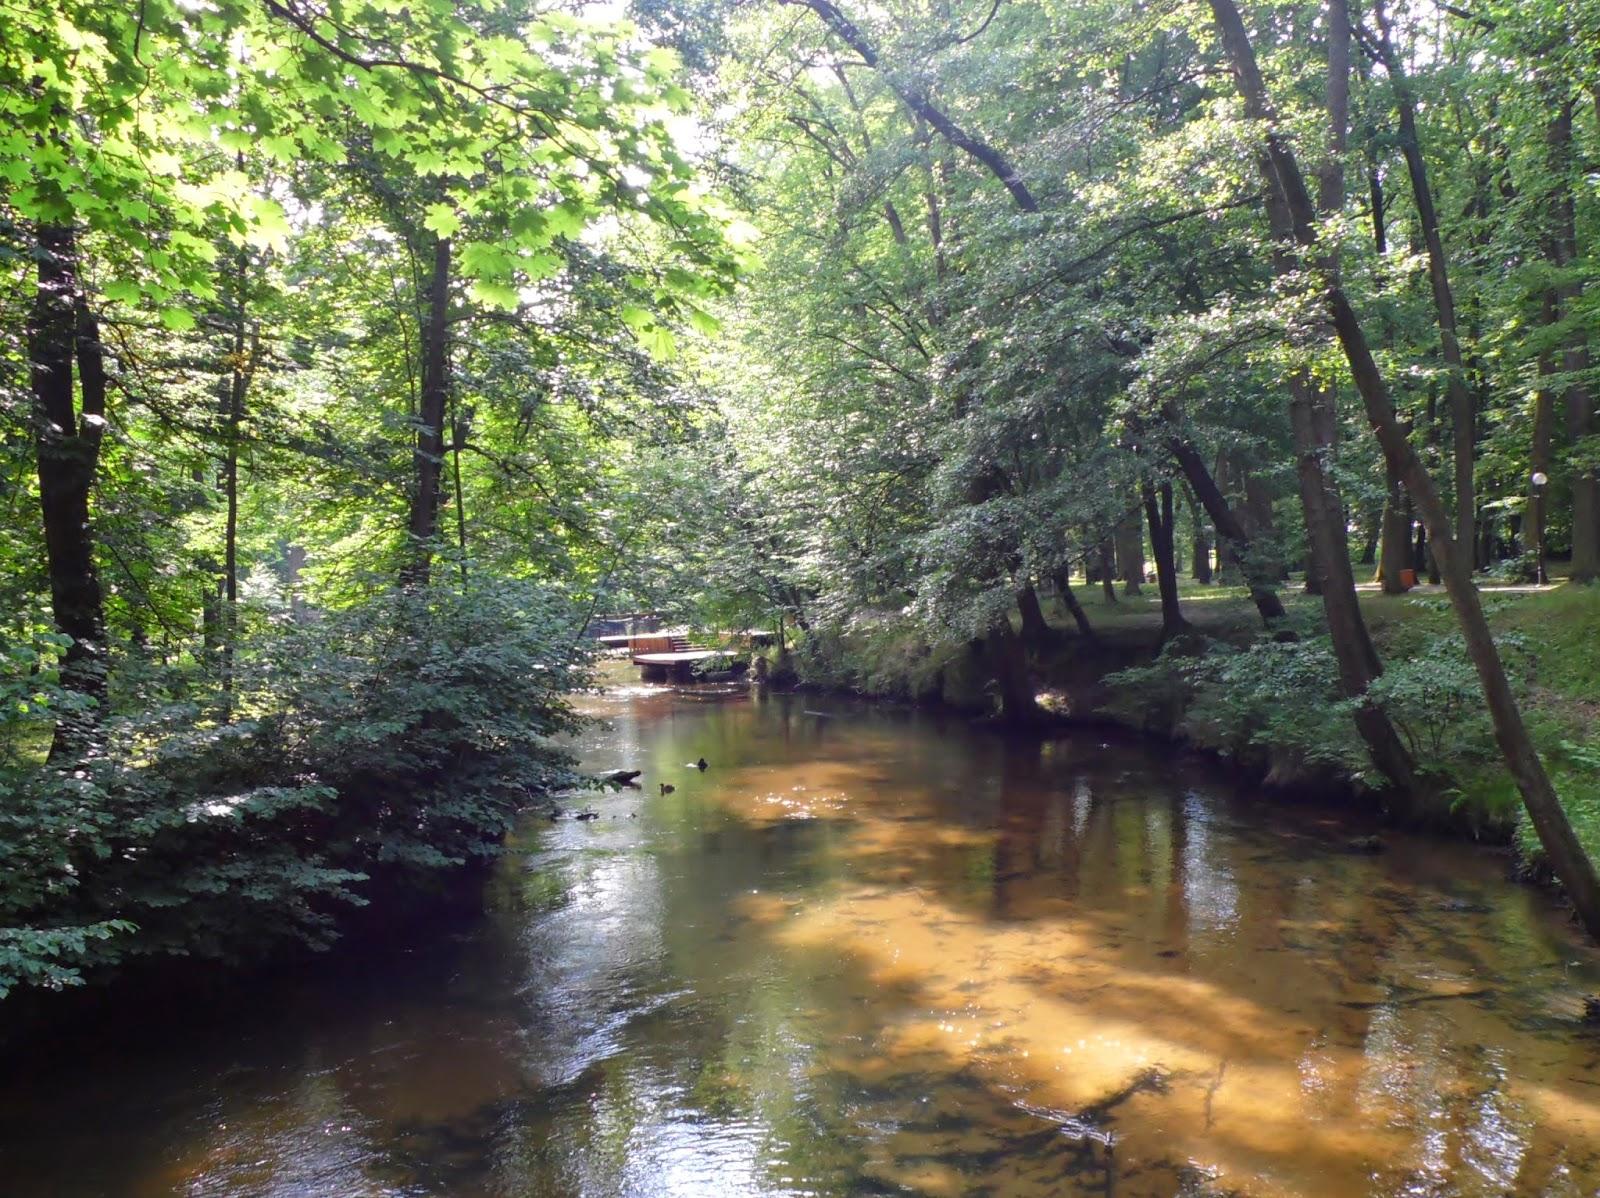 Rzeka Wieprz przepływająca przez park w Zwierzyńcu